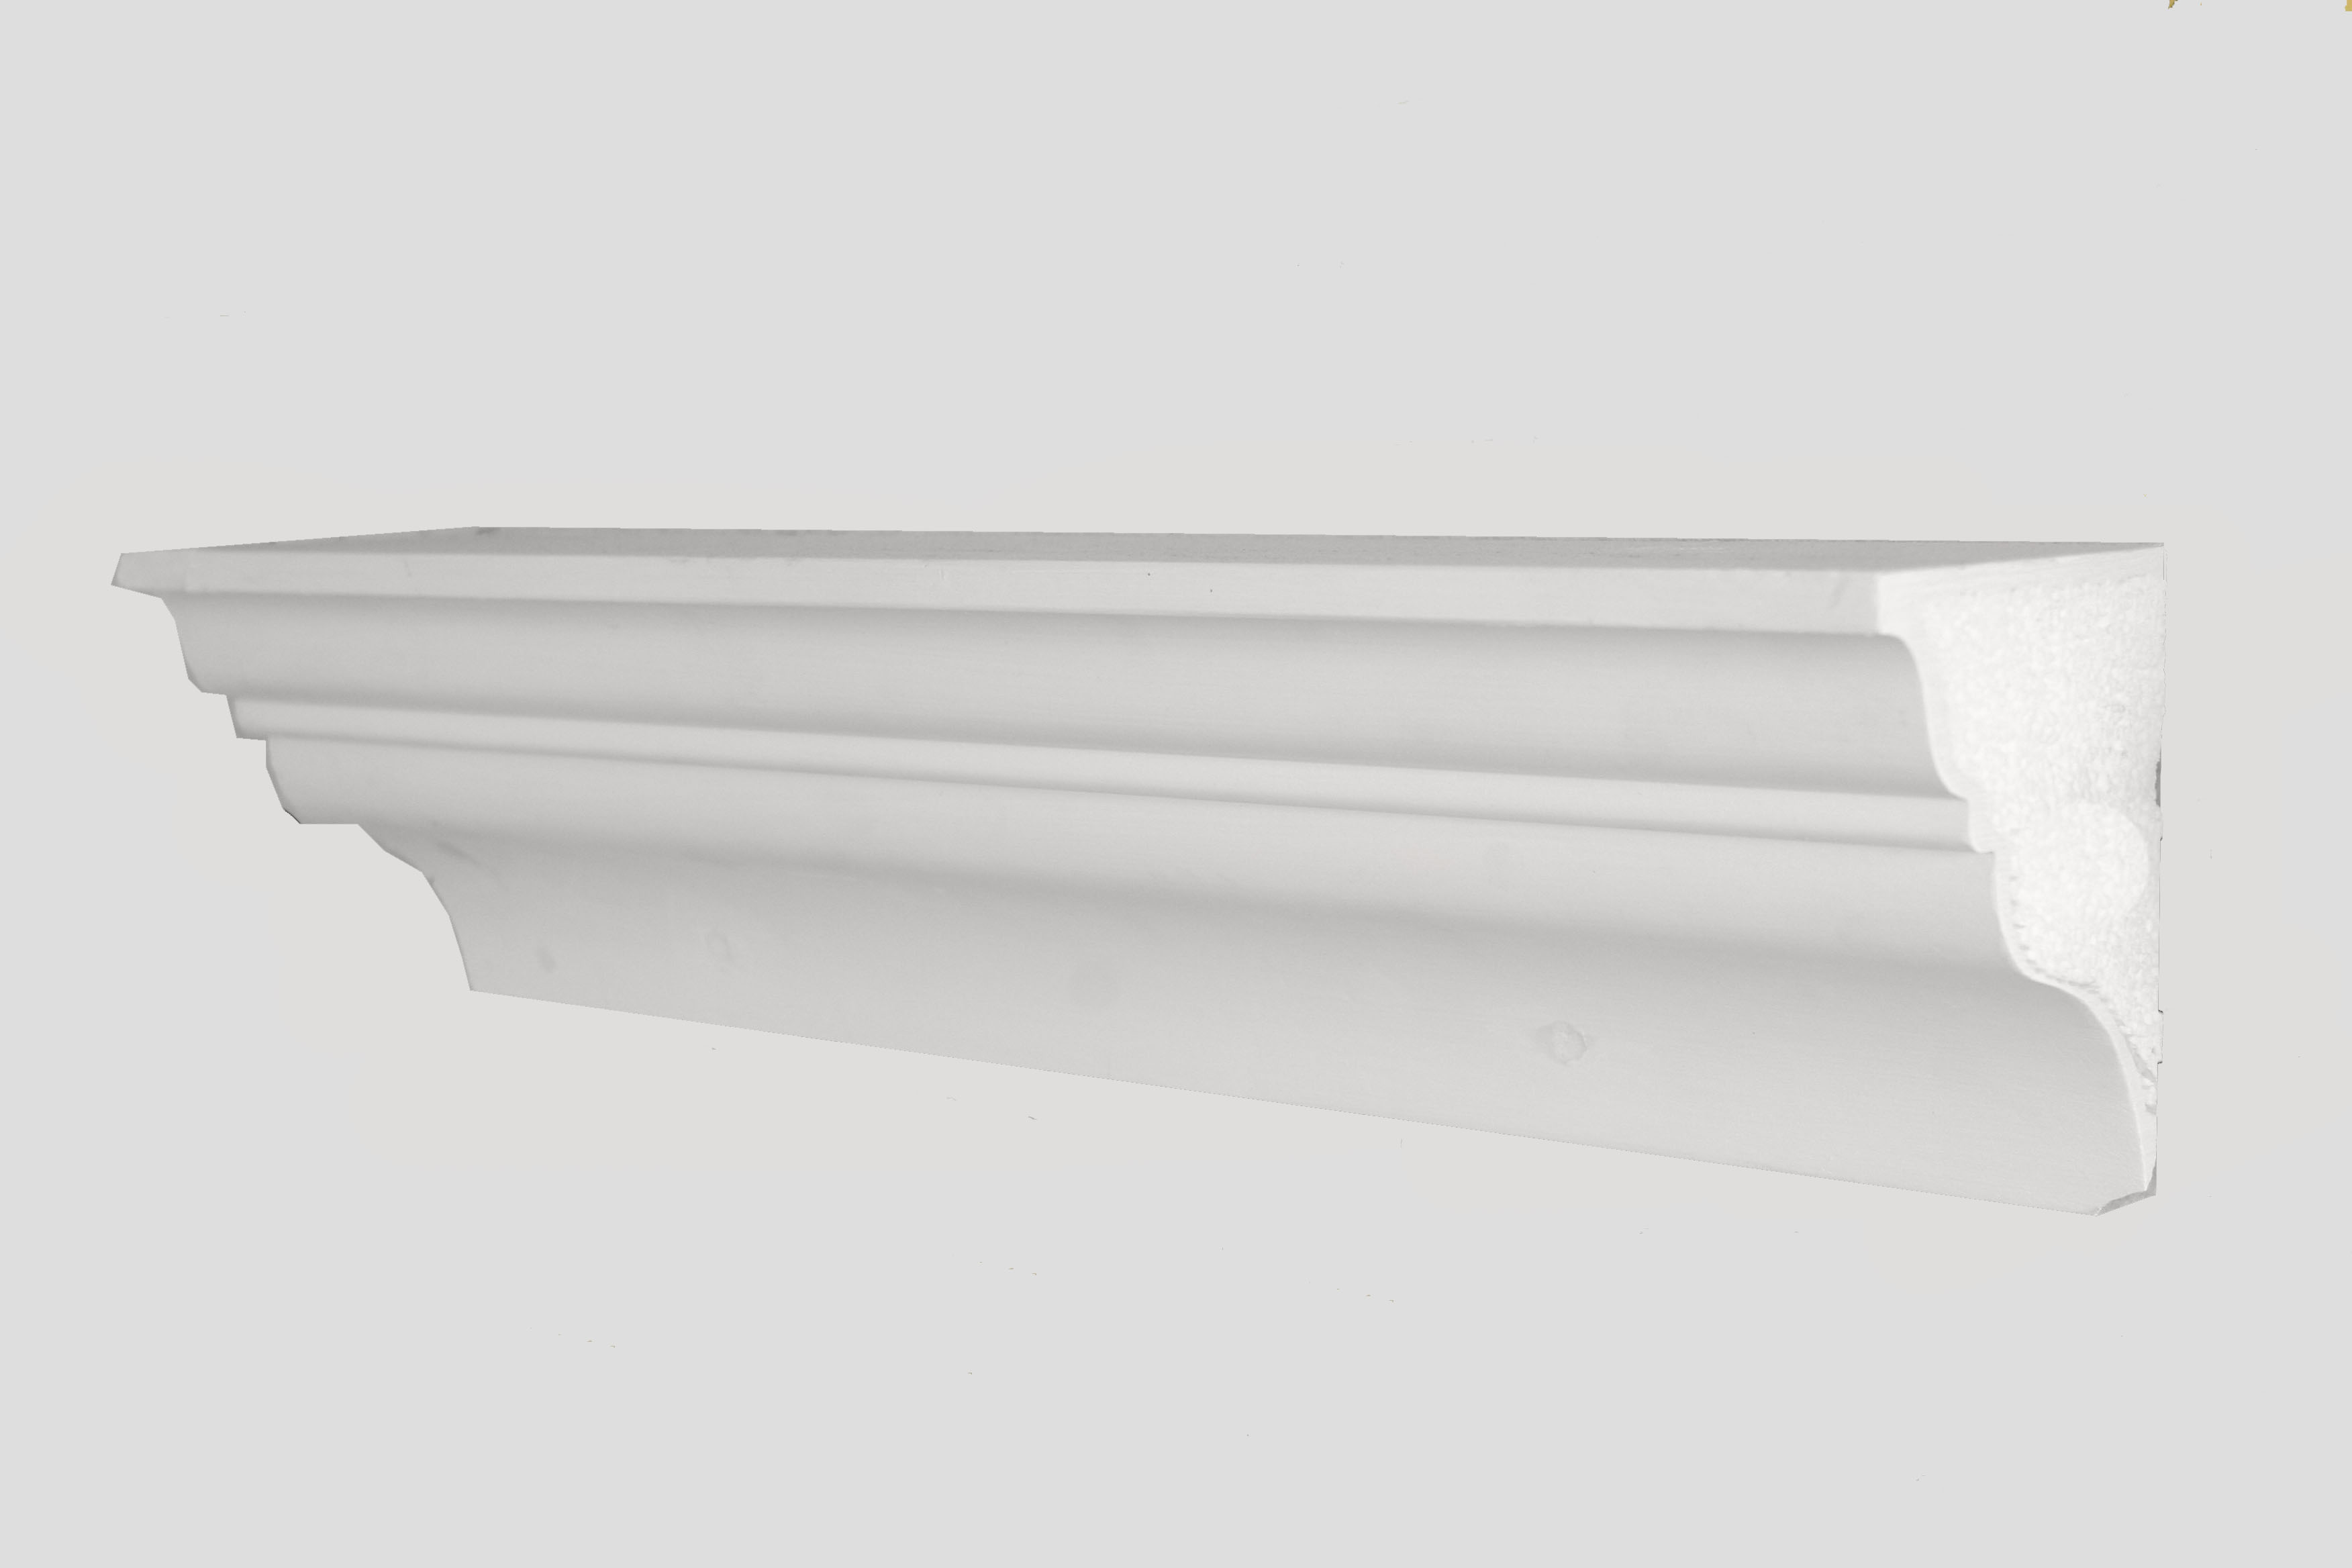 profil-4-304-10_2x11_5cm